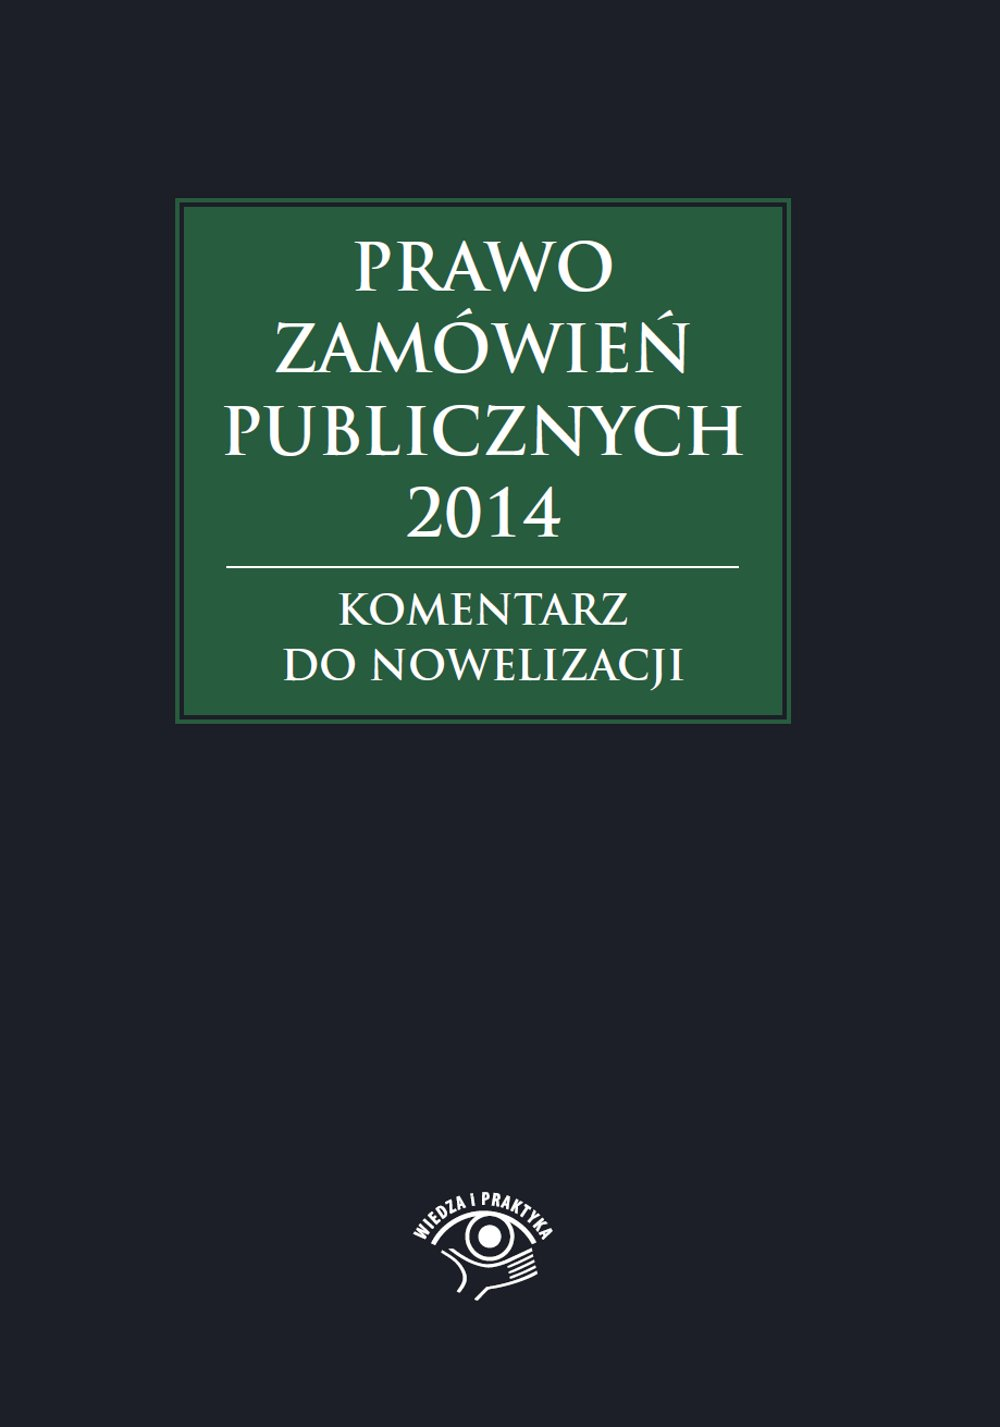 Prawo zamówień publicznych 2014. Komentarz do nowelizacji - Ebook (Książka EPUB) do pobrania w formacie EPUB